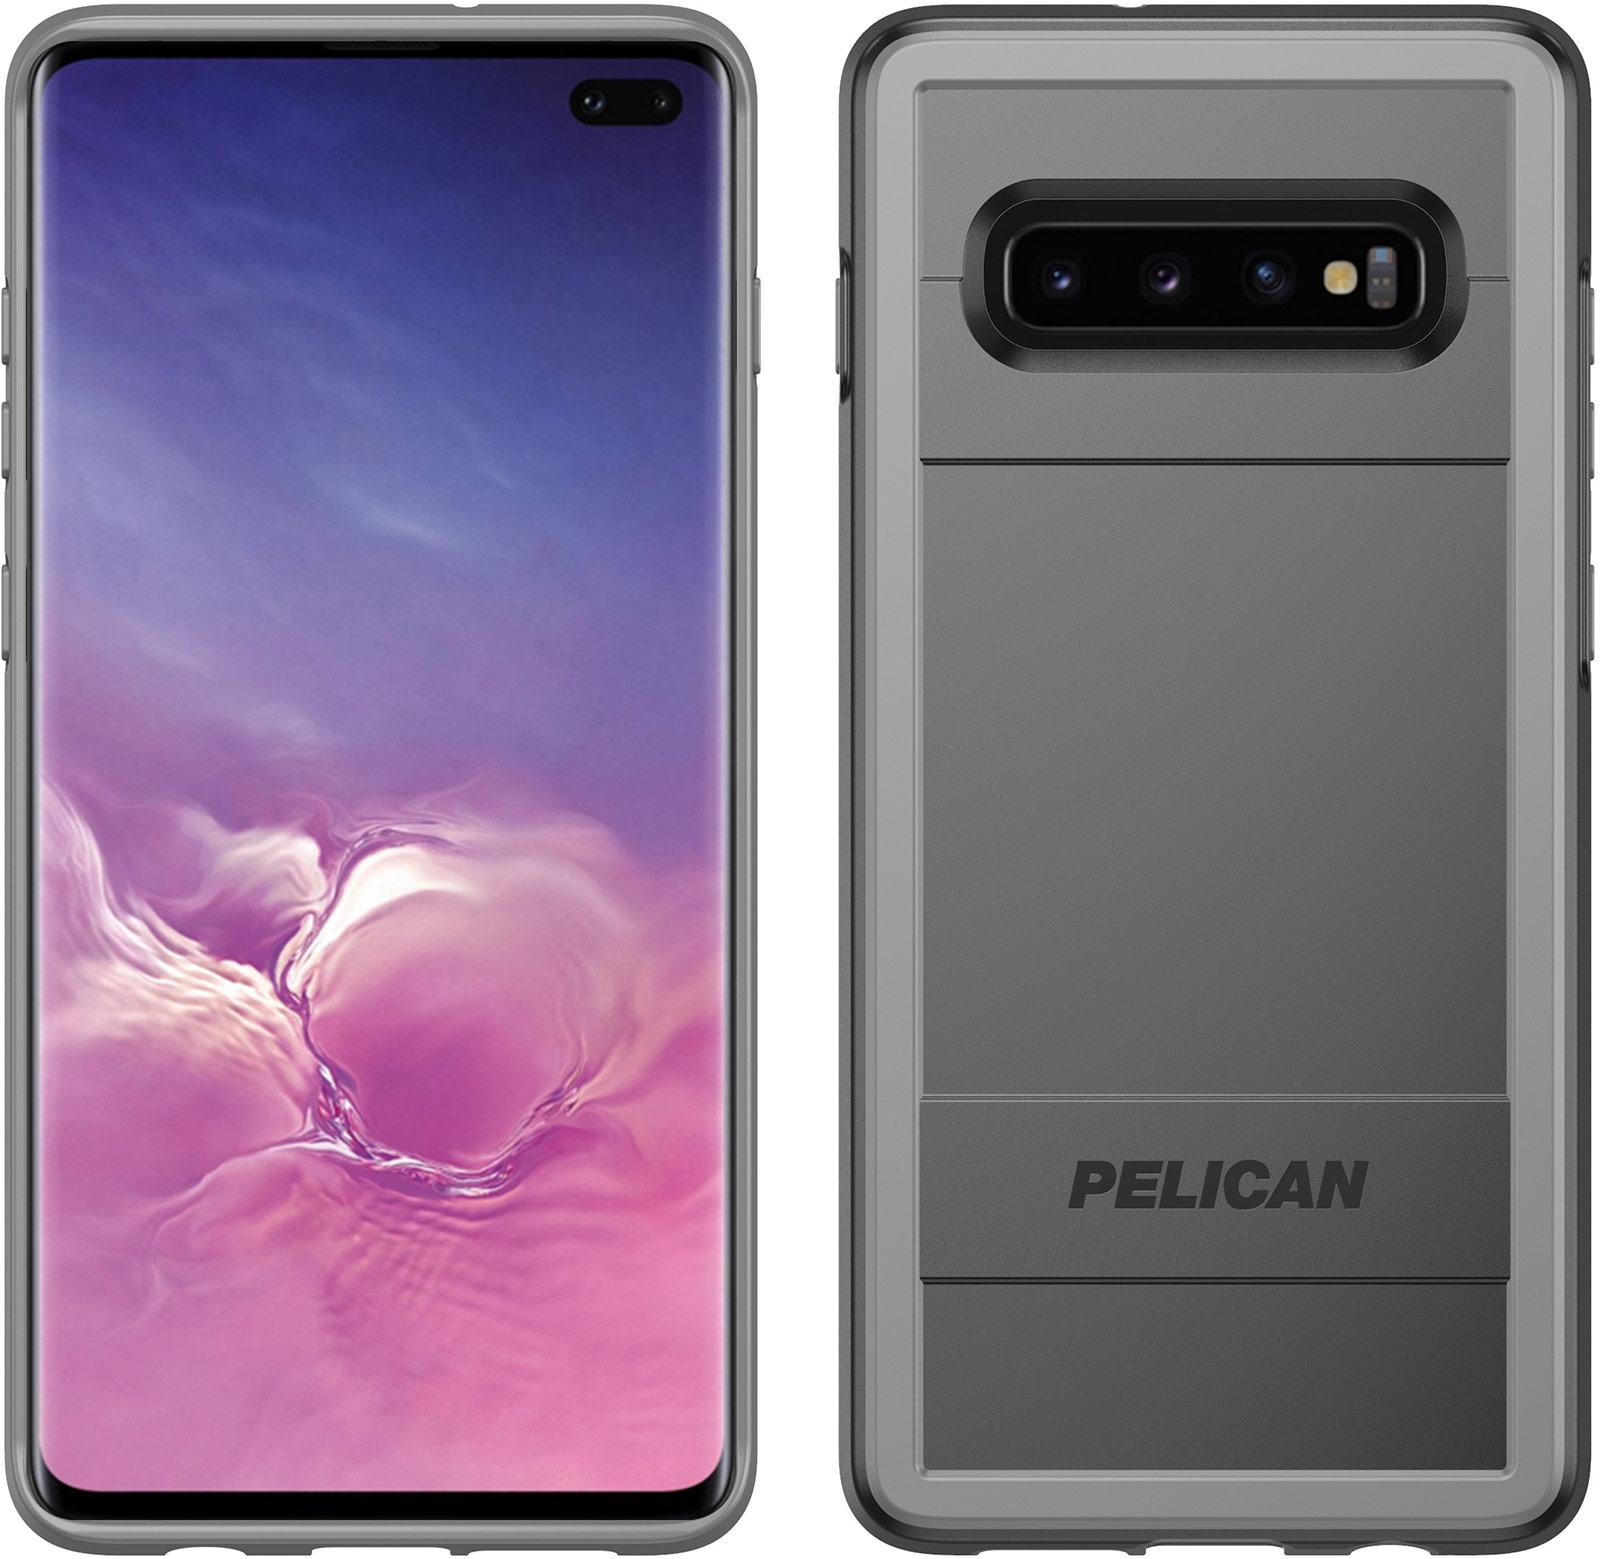 pelican samsung galaxy s10 plus protector ams phone case